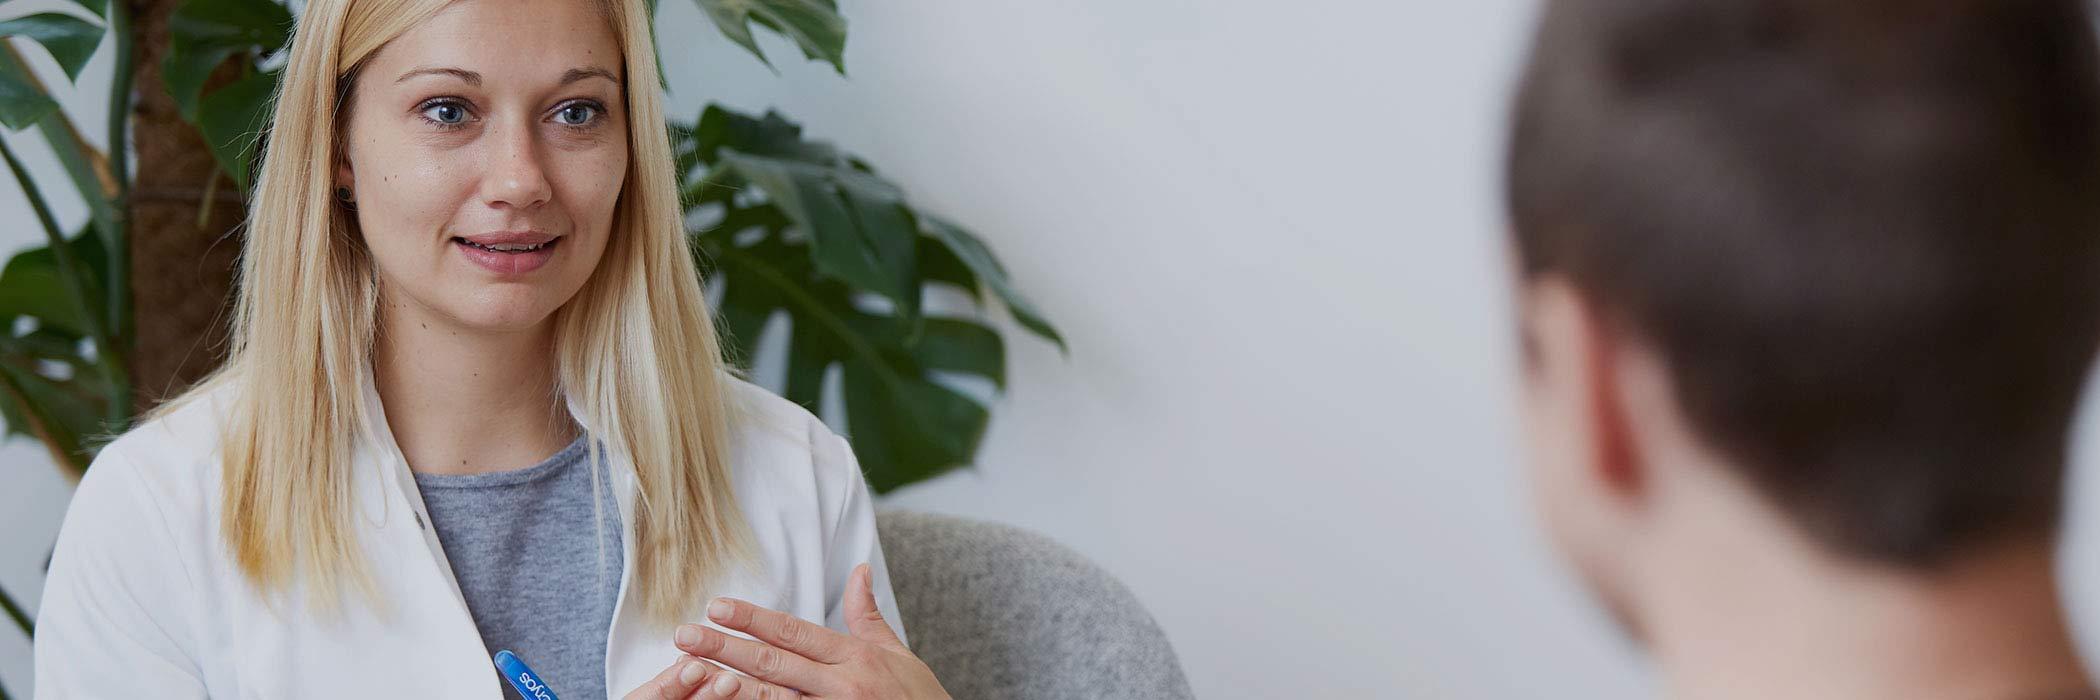 Cryos Krankenschwester erzählt darüber, wie Cryos Spender untersucht, um die bestmögliche Qualität der Samenhalme zu gewährleisten